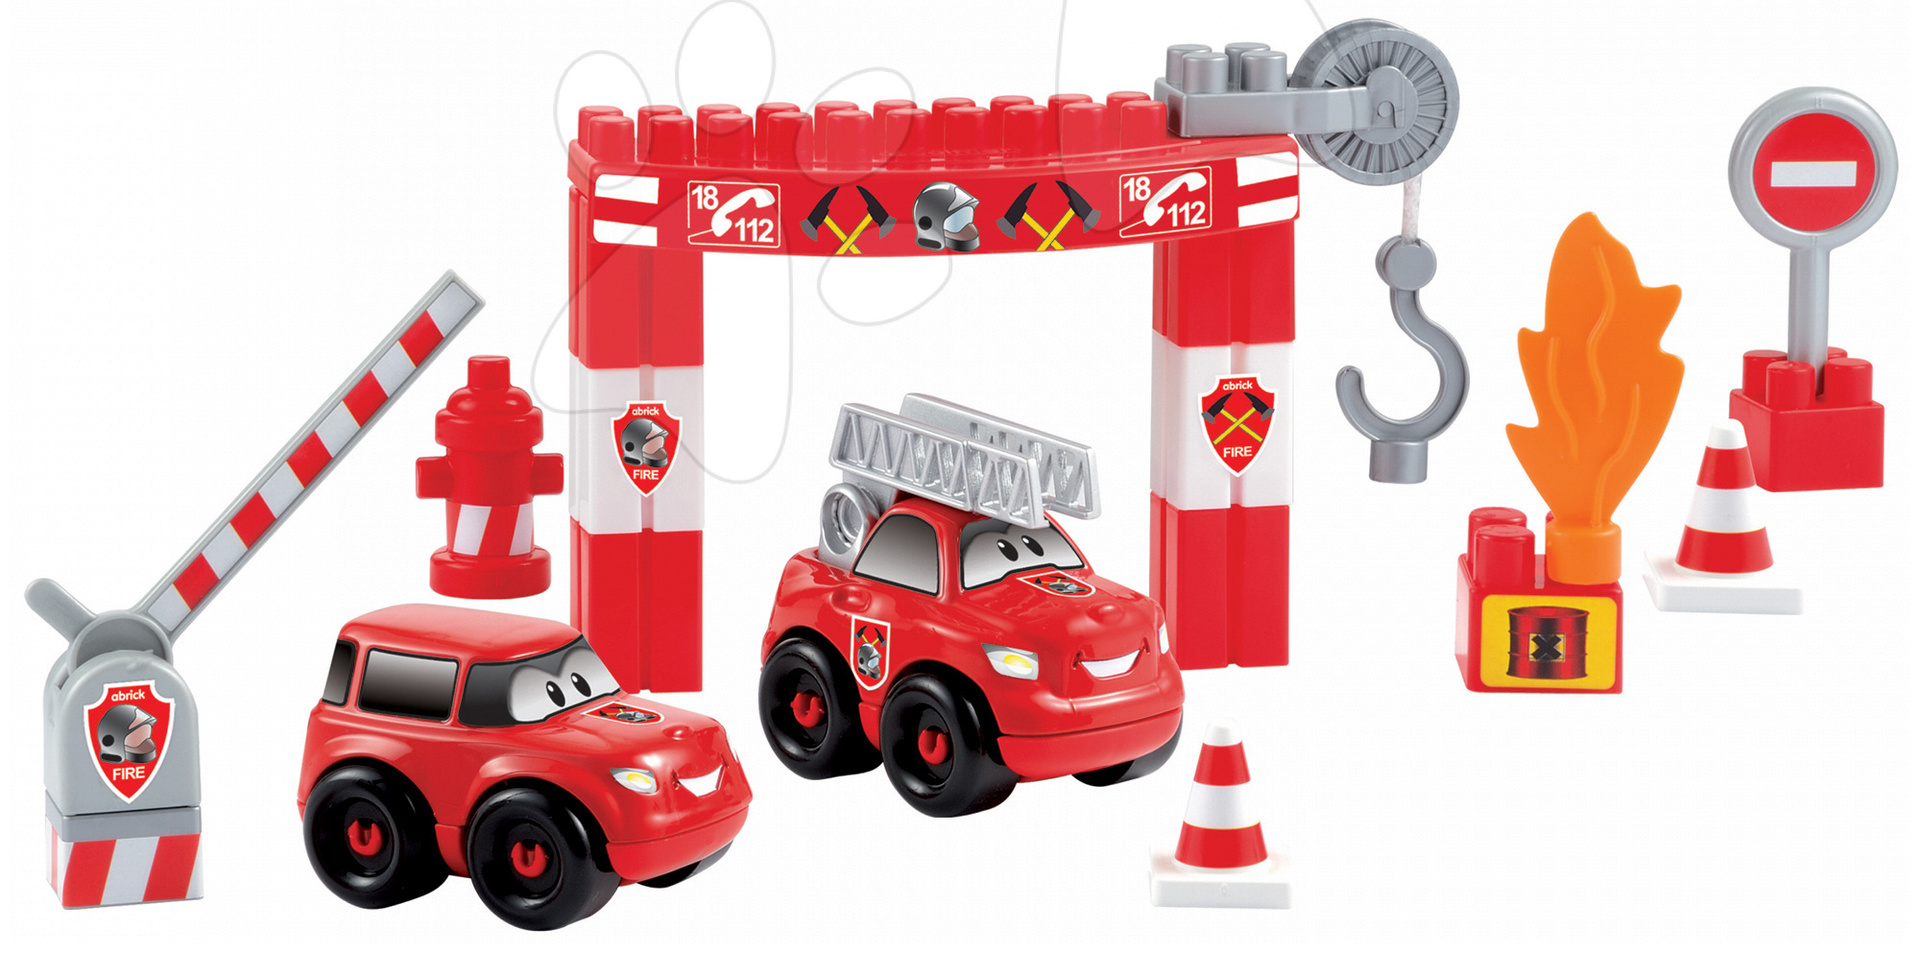 Stavebnice Abrick - požární stanice Écoiffier s 2 auty 35 dílů od 18 měsíců